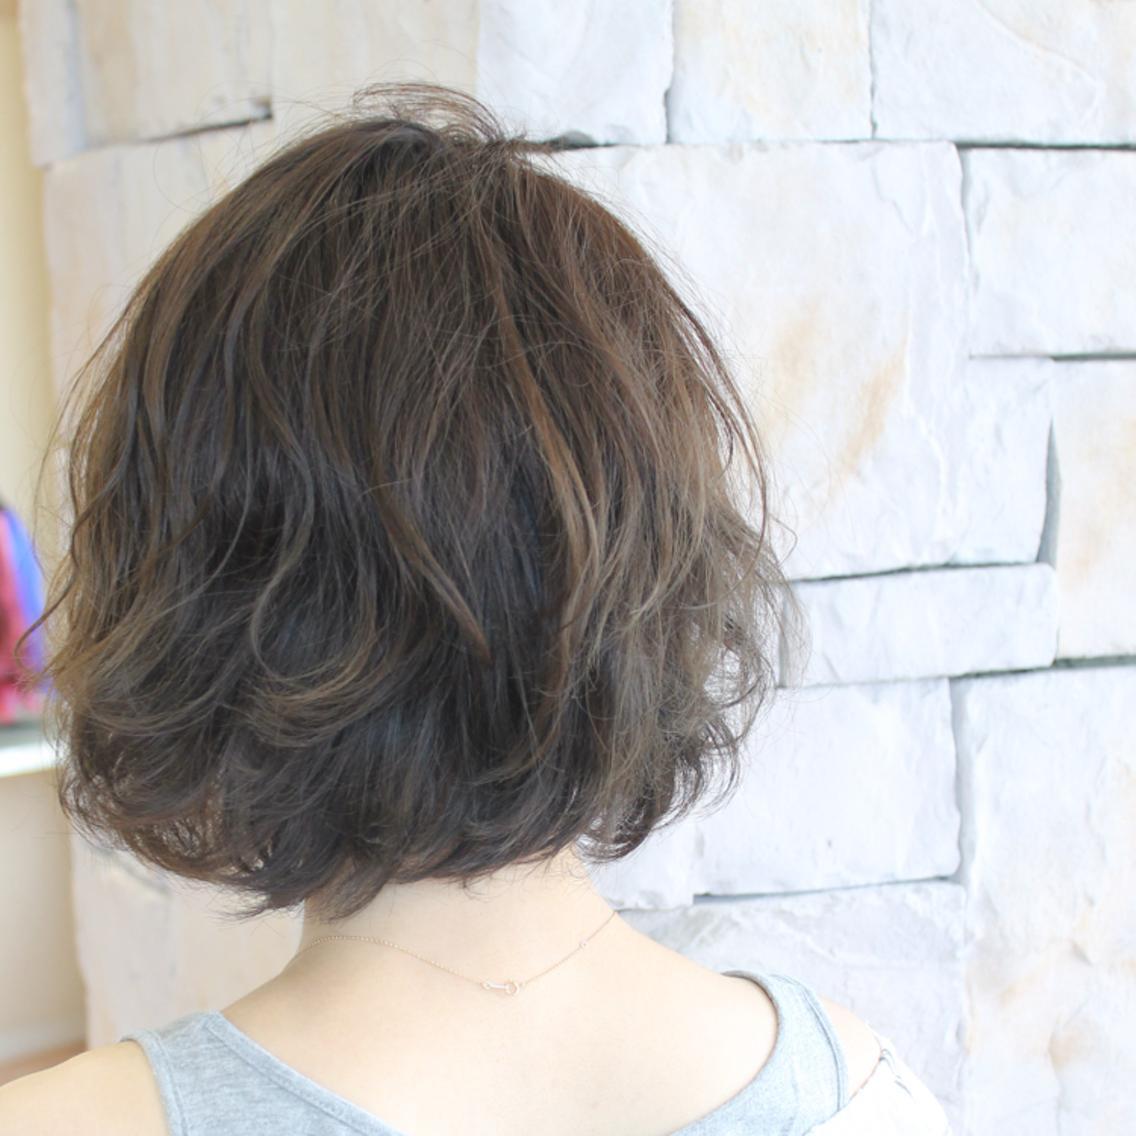 とにかく髪を綺麗にしたい方はぜひ(o^^o)モデル募集